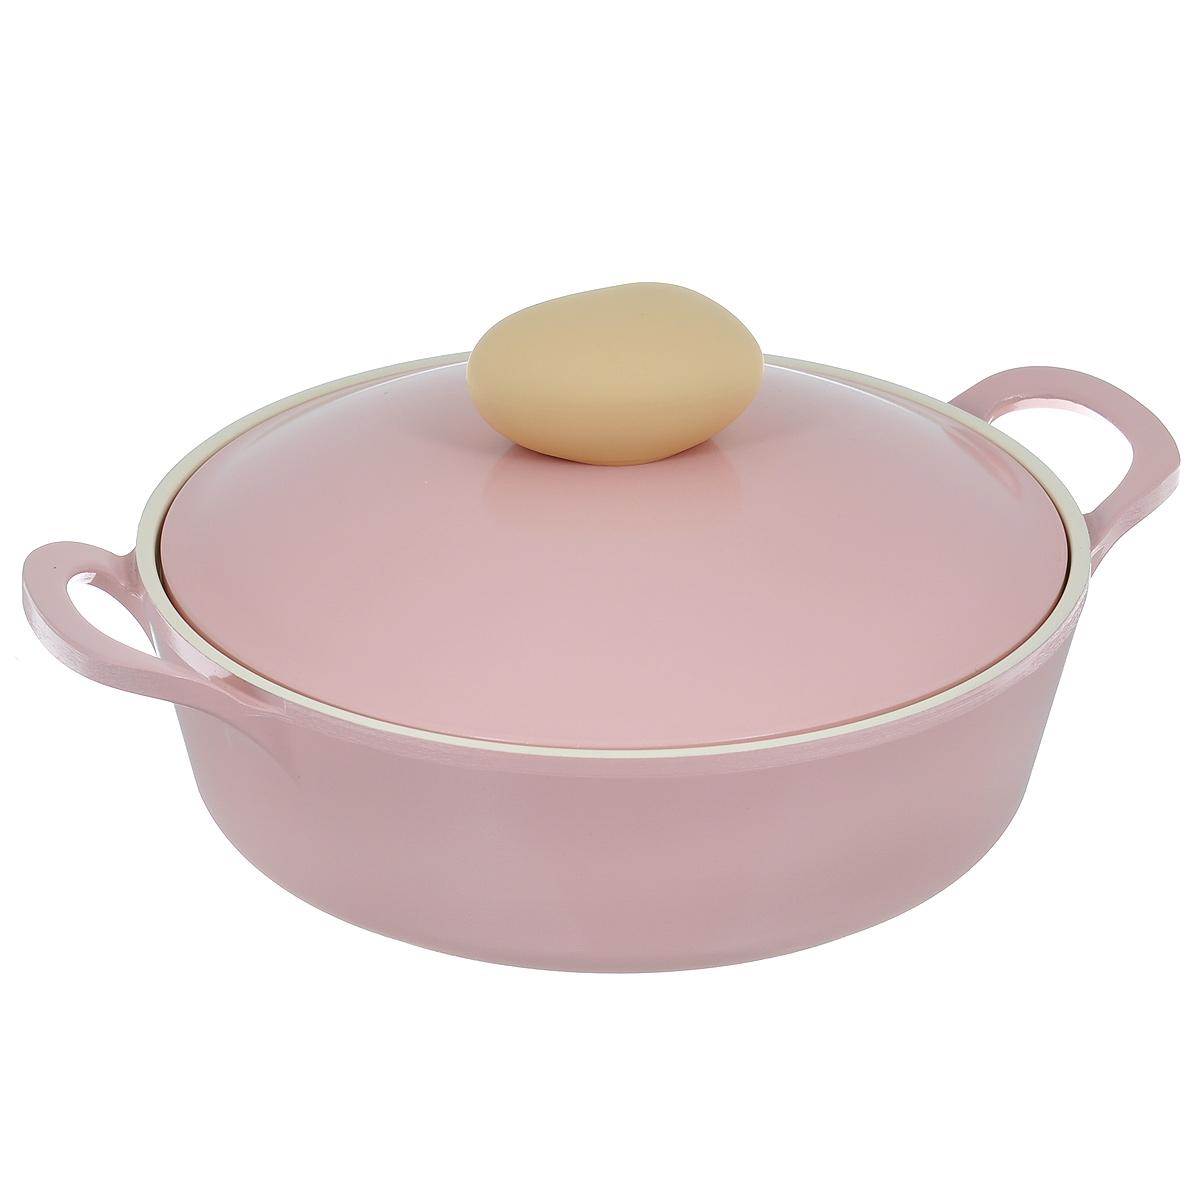 Жаровня Frybest Round с крышкой, с керамическим покрытием, цвет: розовый, 2 лROUND L22-PЖаровня Frybest Round выполнена из алюминия с внутренним и внешним керамическим покрытием Ecolon Superior. Такое покрытие устойчиво к повреждениям и не содержит вредных компонентов, так как изготовлено из натуральных материалов. Жаровня оснащена удобными литыми алюминиевыми ручками и крышкой с пароотводом и прорезиненной ручкой из высококачественного пластика. Коллекция Round - это сочетание непревзойденного качества и элегантности. Ключевые преимущества: - Литой алюминиевый корпус хорошо проводит тепло и равномерно нагревается, обеспечивая наиболее эффективное приготовление пищи, - Крепления ручек не имеют заклепок на внутренней стороне посуды, - Внешнее и внутреннее покрытие устойчиво к царапинам и повреждениям, - Покрытие абсолютно нейтрально и не вступает в реакцию с пищей, - Легко моется, - Утолщенное дно для лучшего распространения тепла и экономии энергии, - Благодаря равномерно прогревающейся алюминиевой...